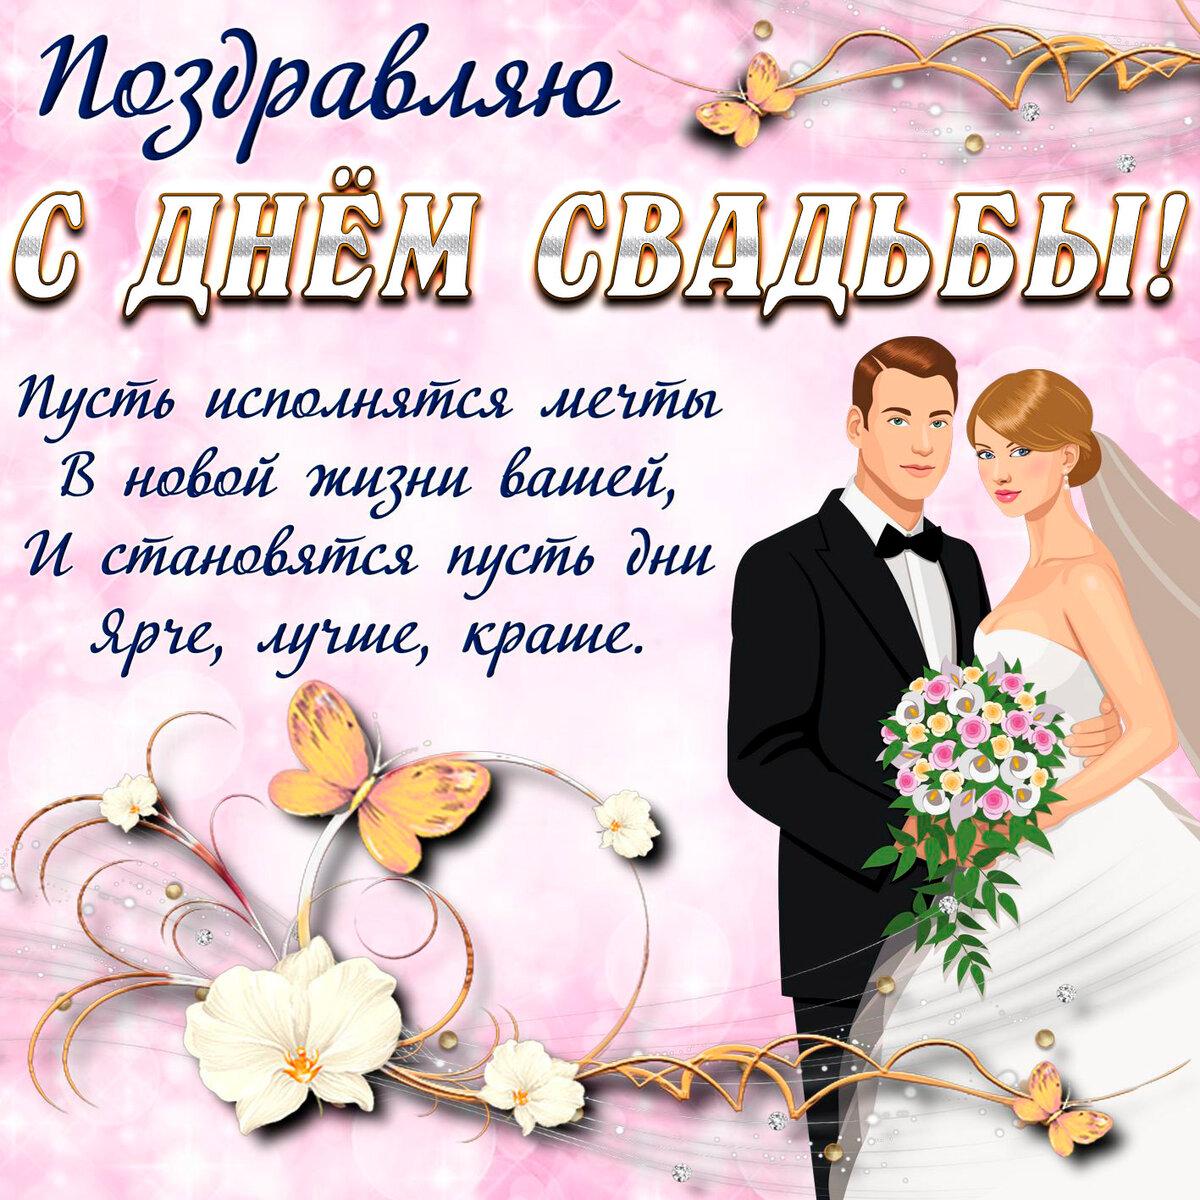 поздравление для брачующихся при таком наплыве